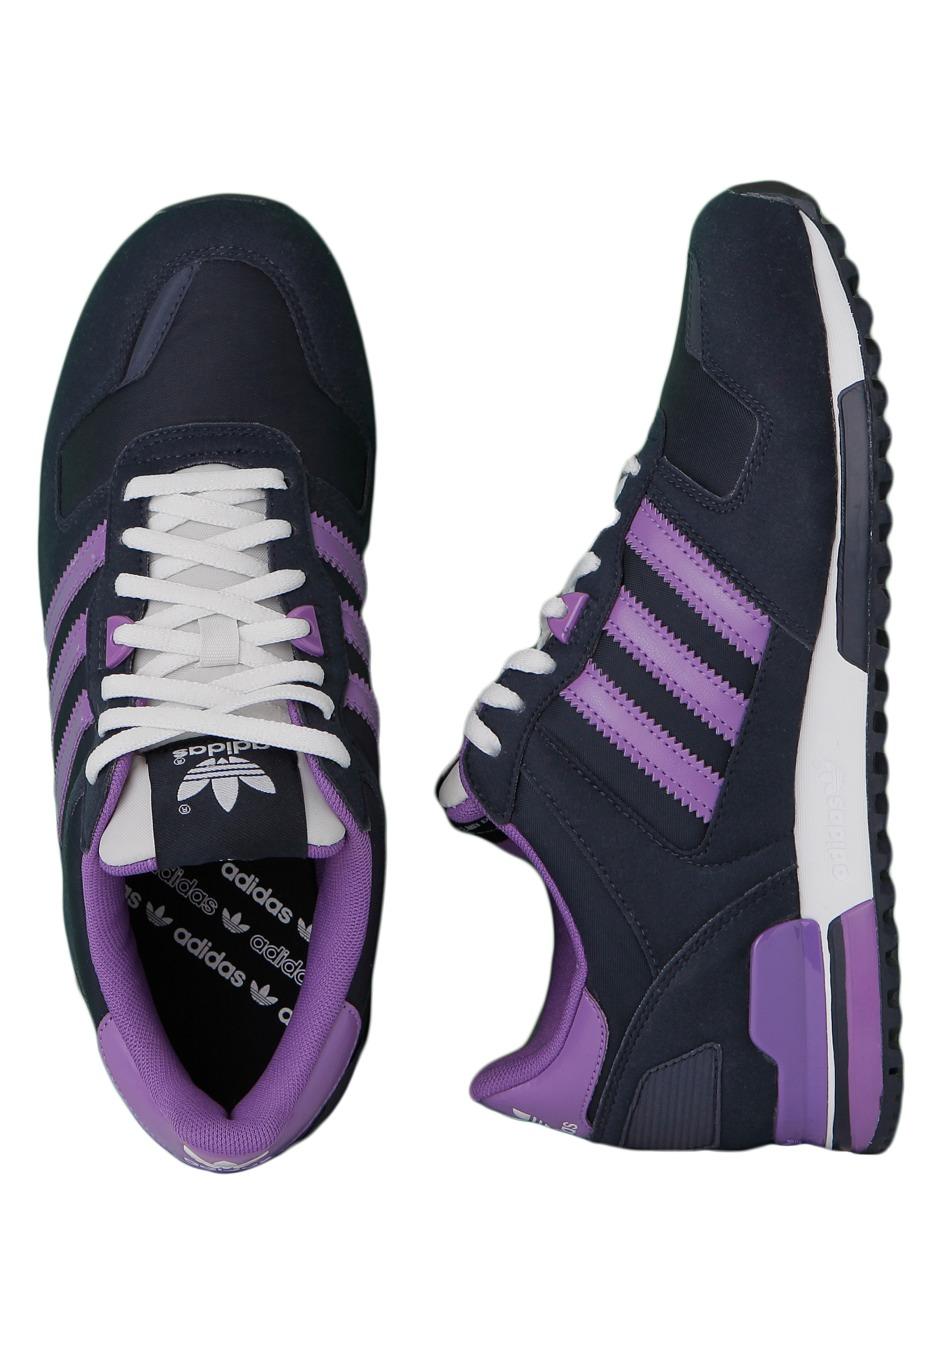 5b4f88e7a4b68d adidas zx 700 purple